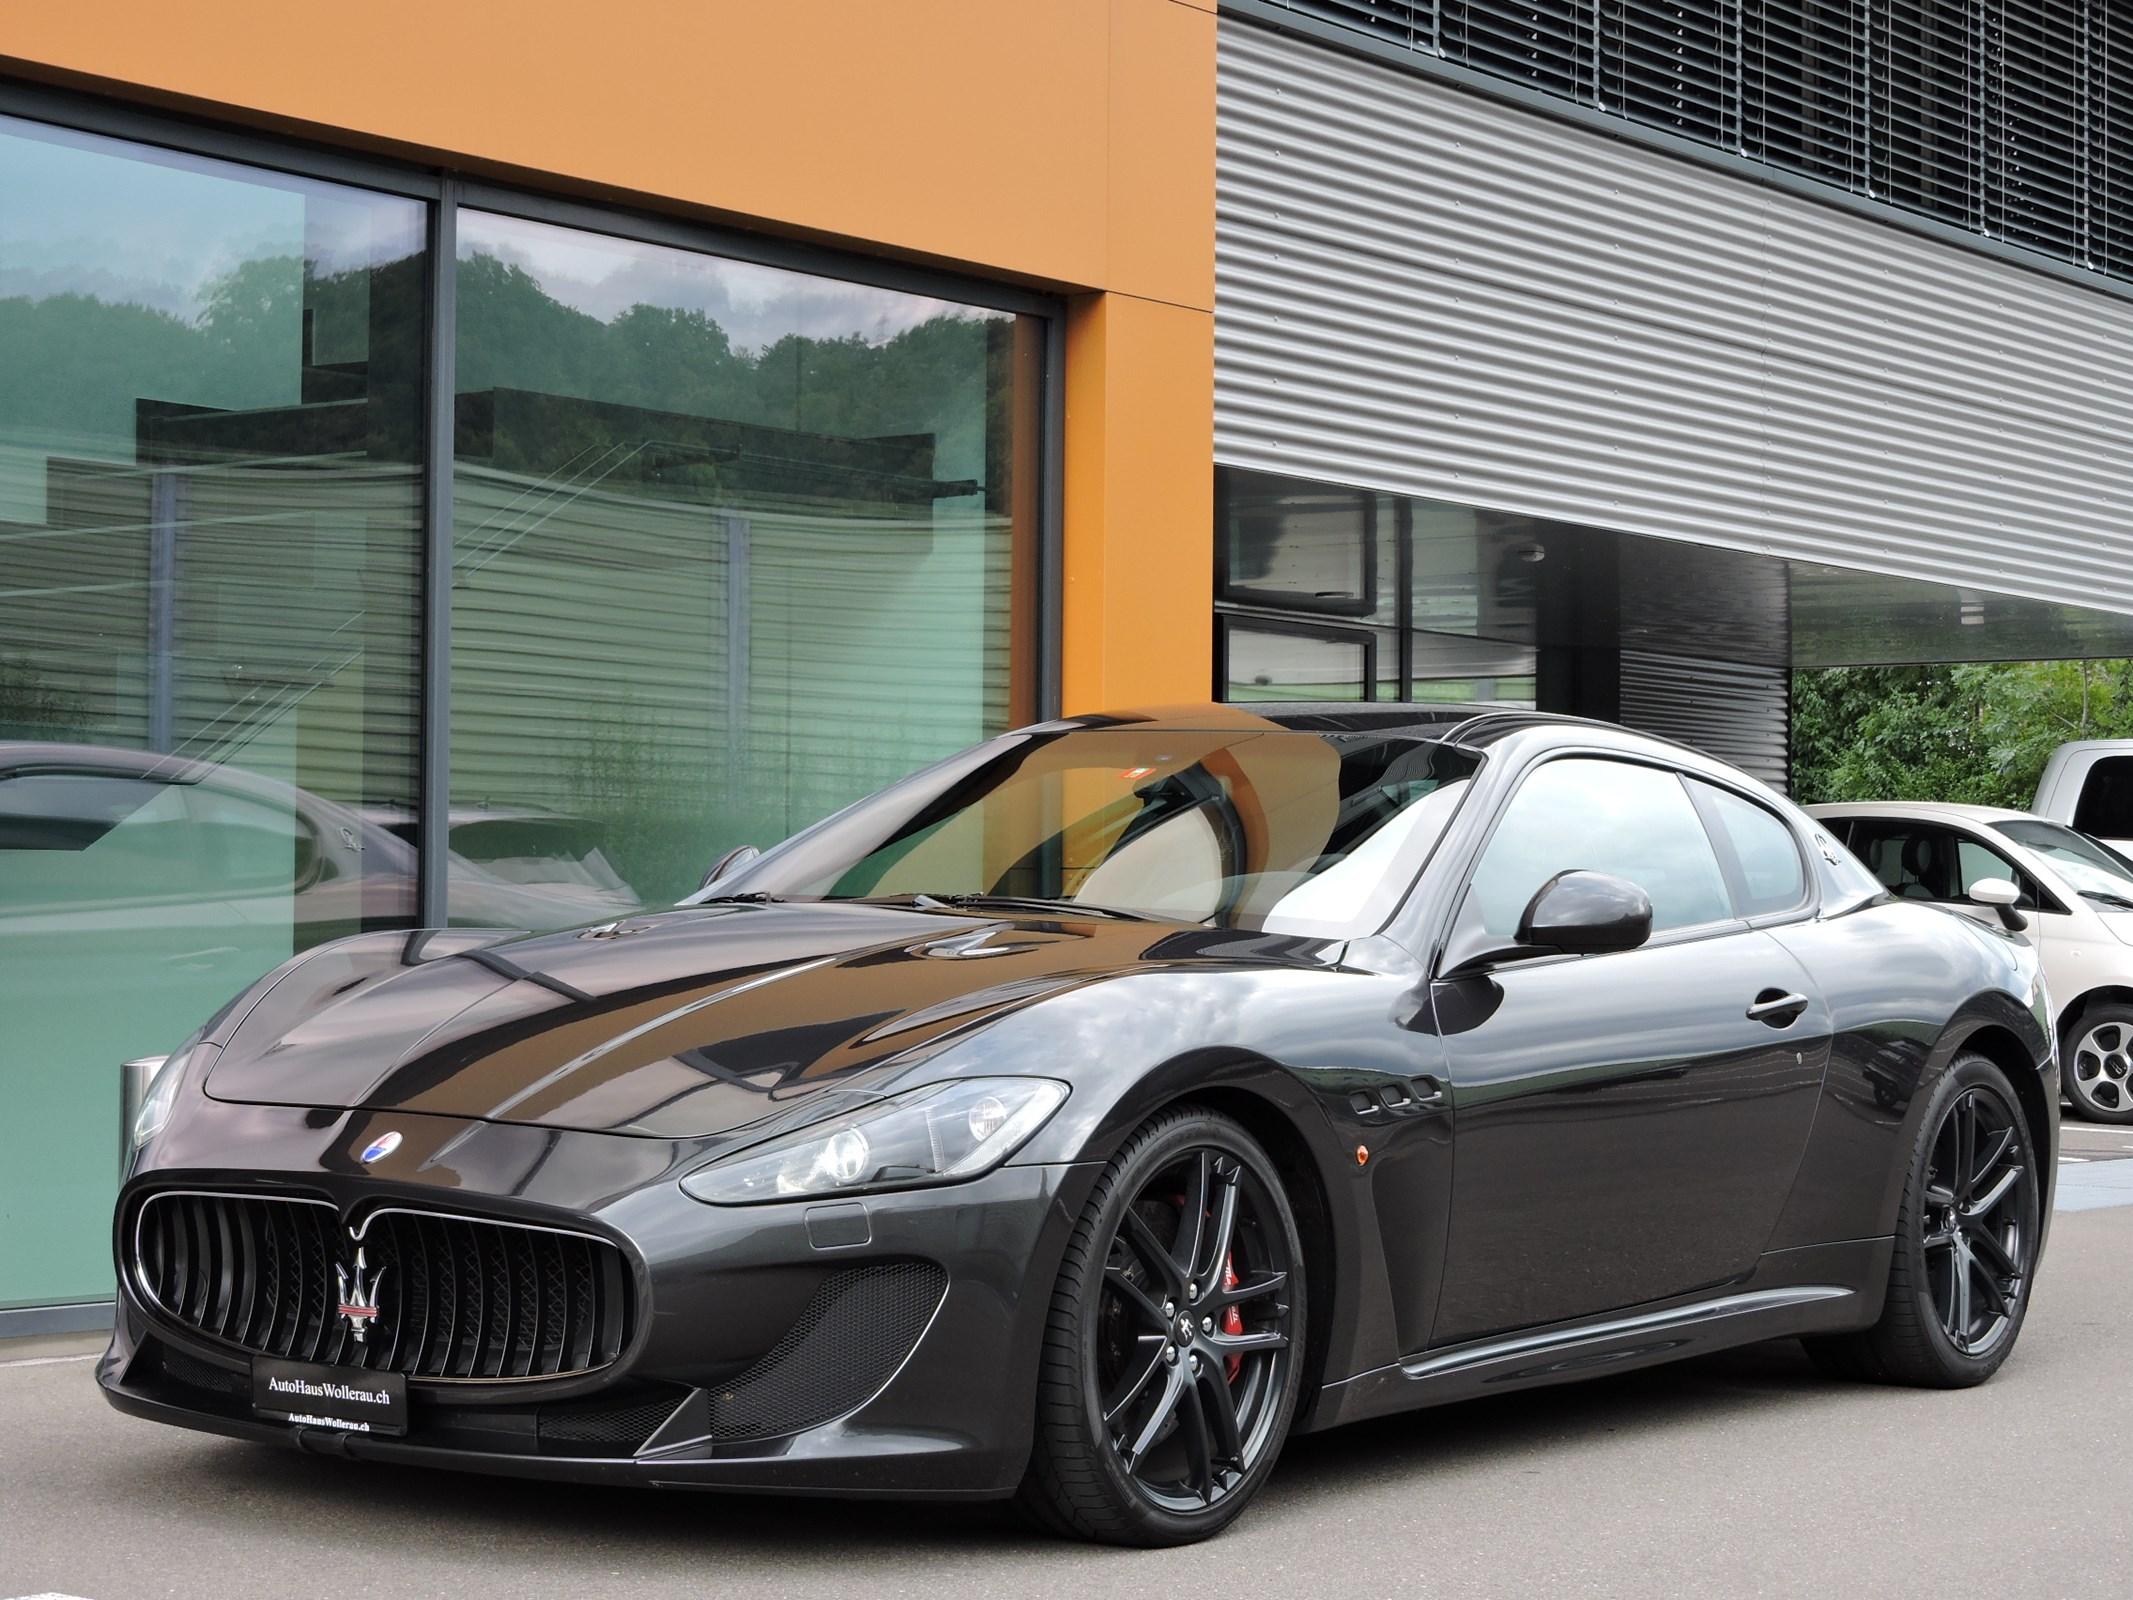 sportscar Maserati GranCabrio/Granturismo GranTurismo MC Stradale